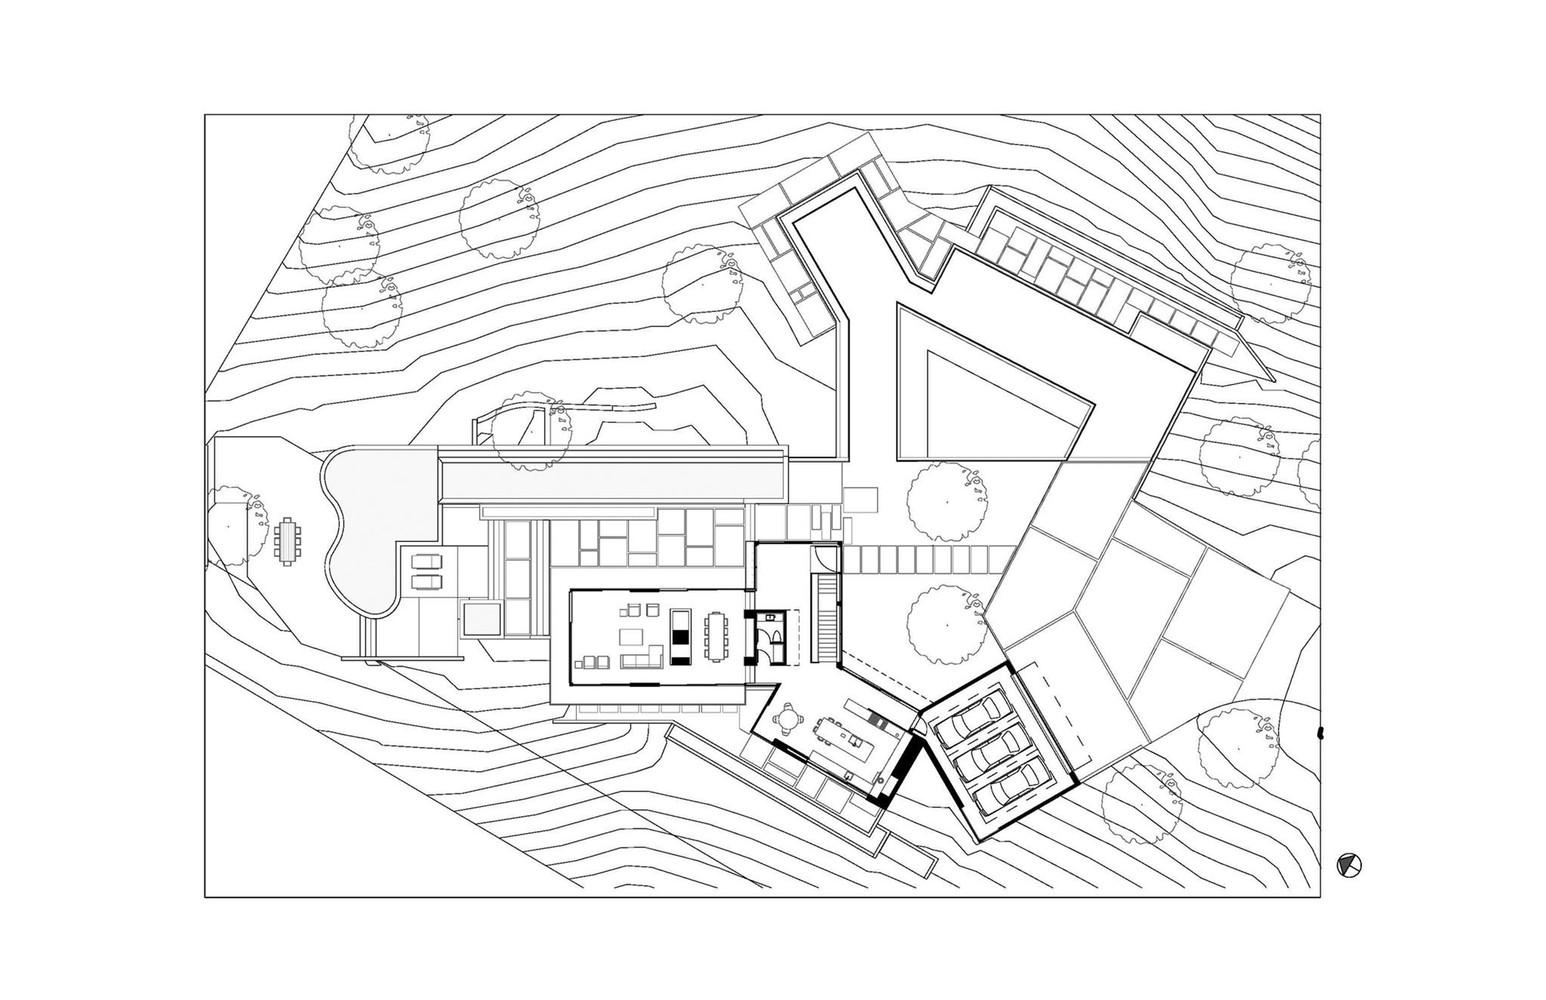 Upper_Floor_Plan_(Copy)